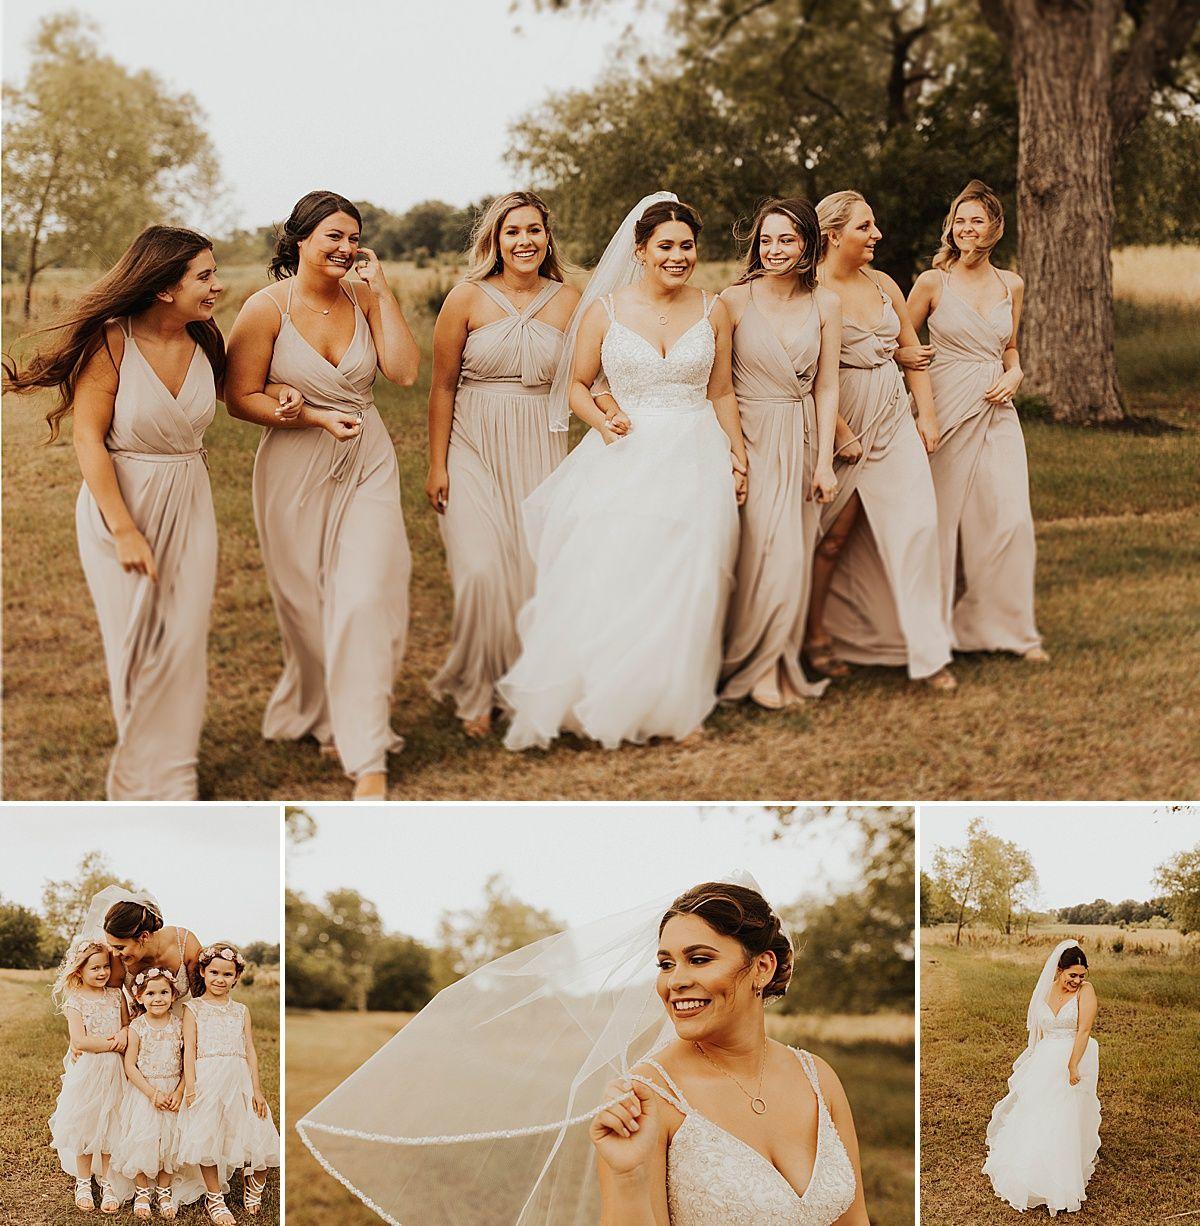 Red Bird Fields Wedding Austin, TX Spring bridesmaid